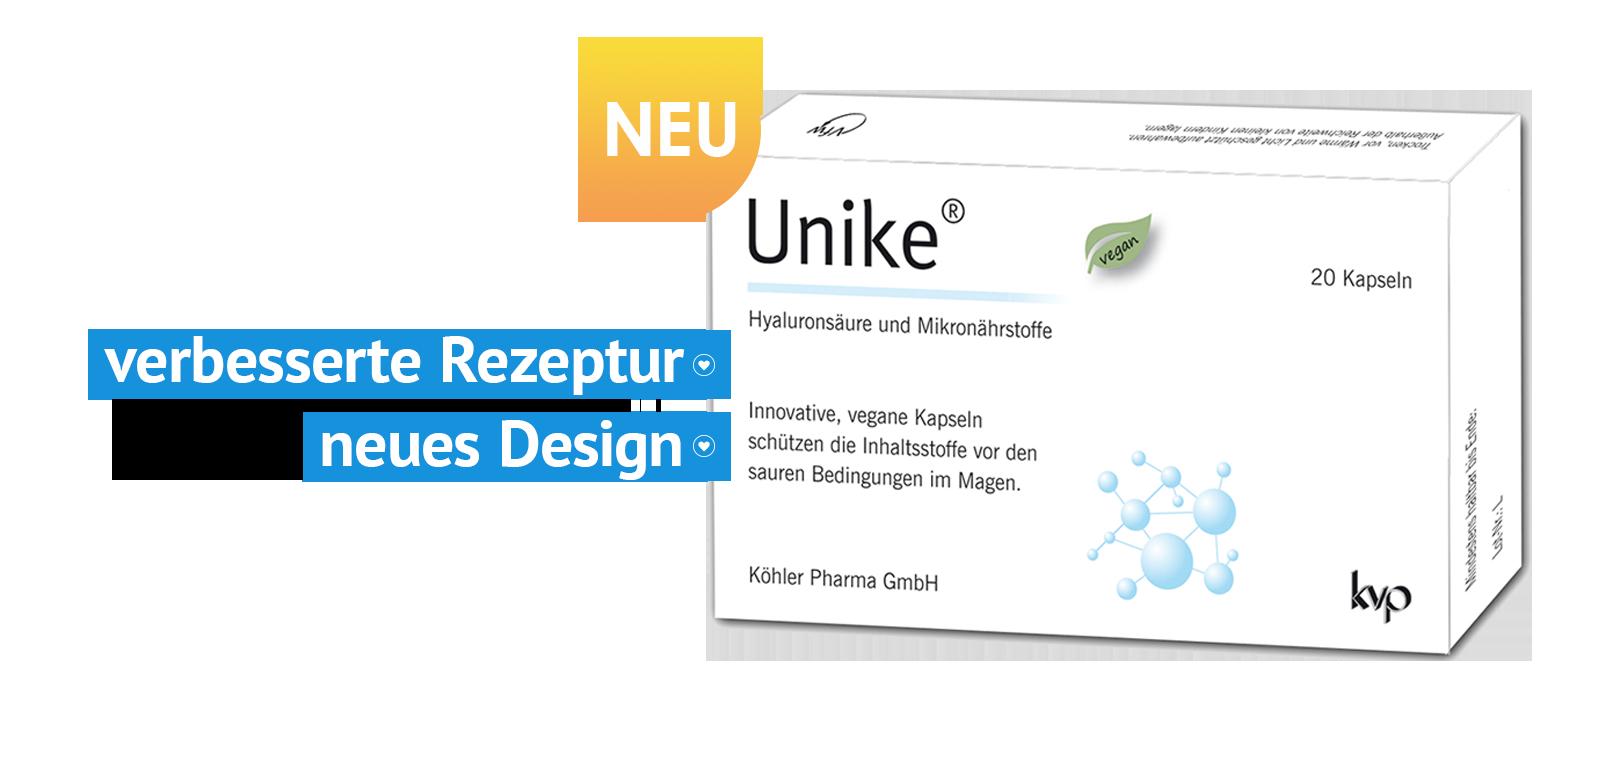 Unike Anti Aging Kapseln mit Hyaluronsäure und Mikronährstoffen in der Originalverpackung.